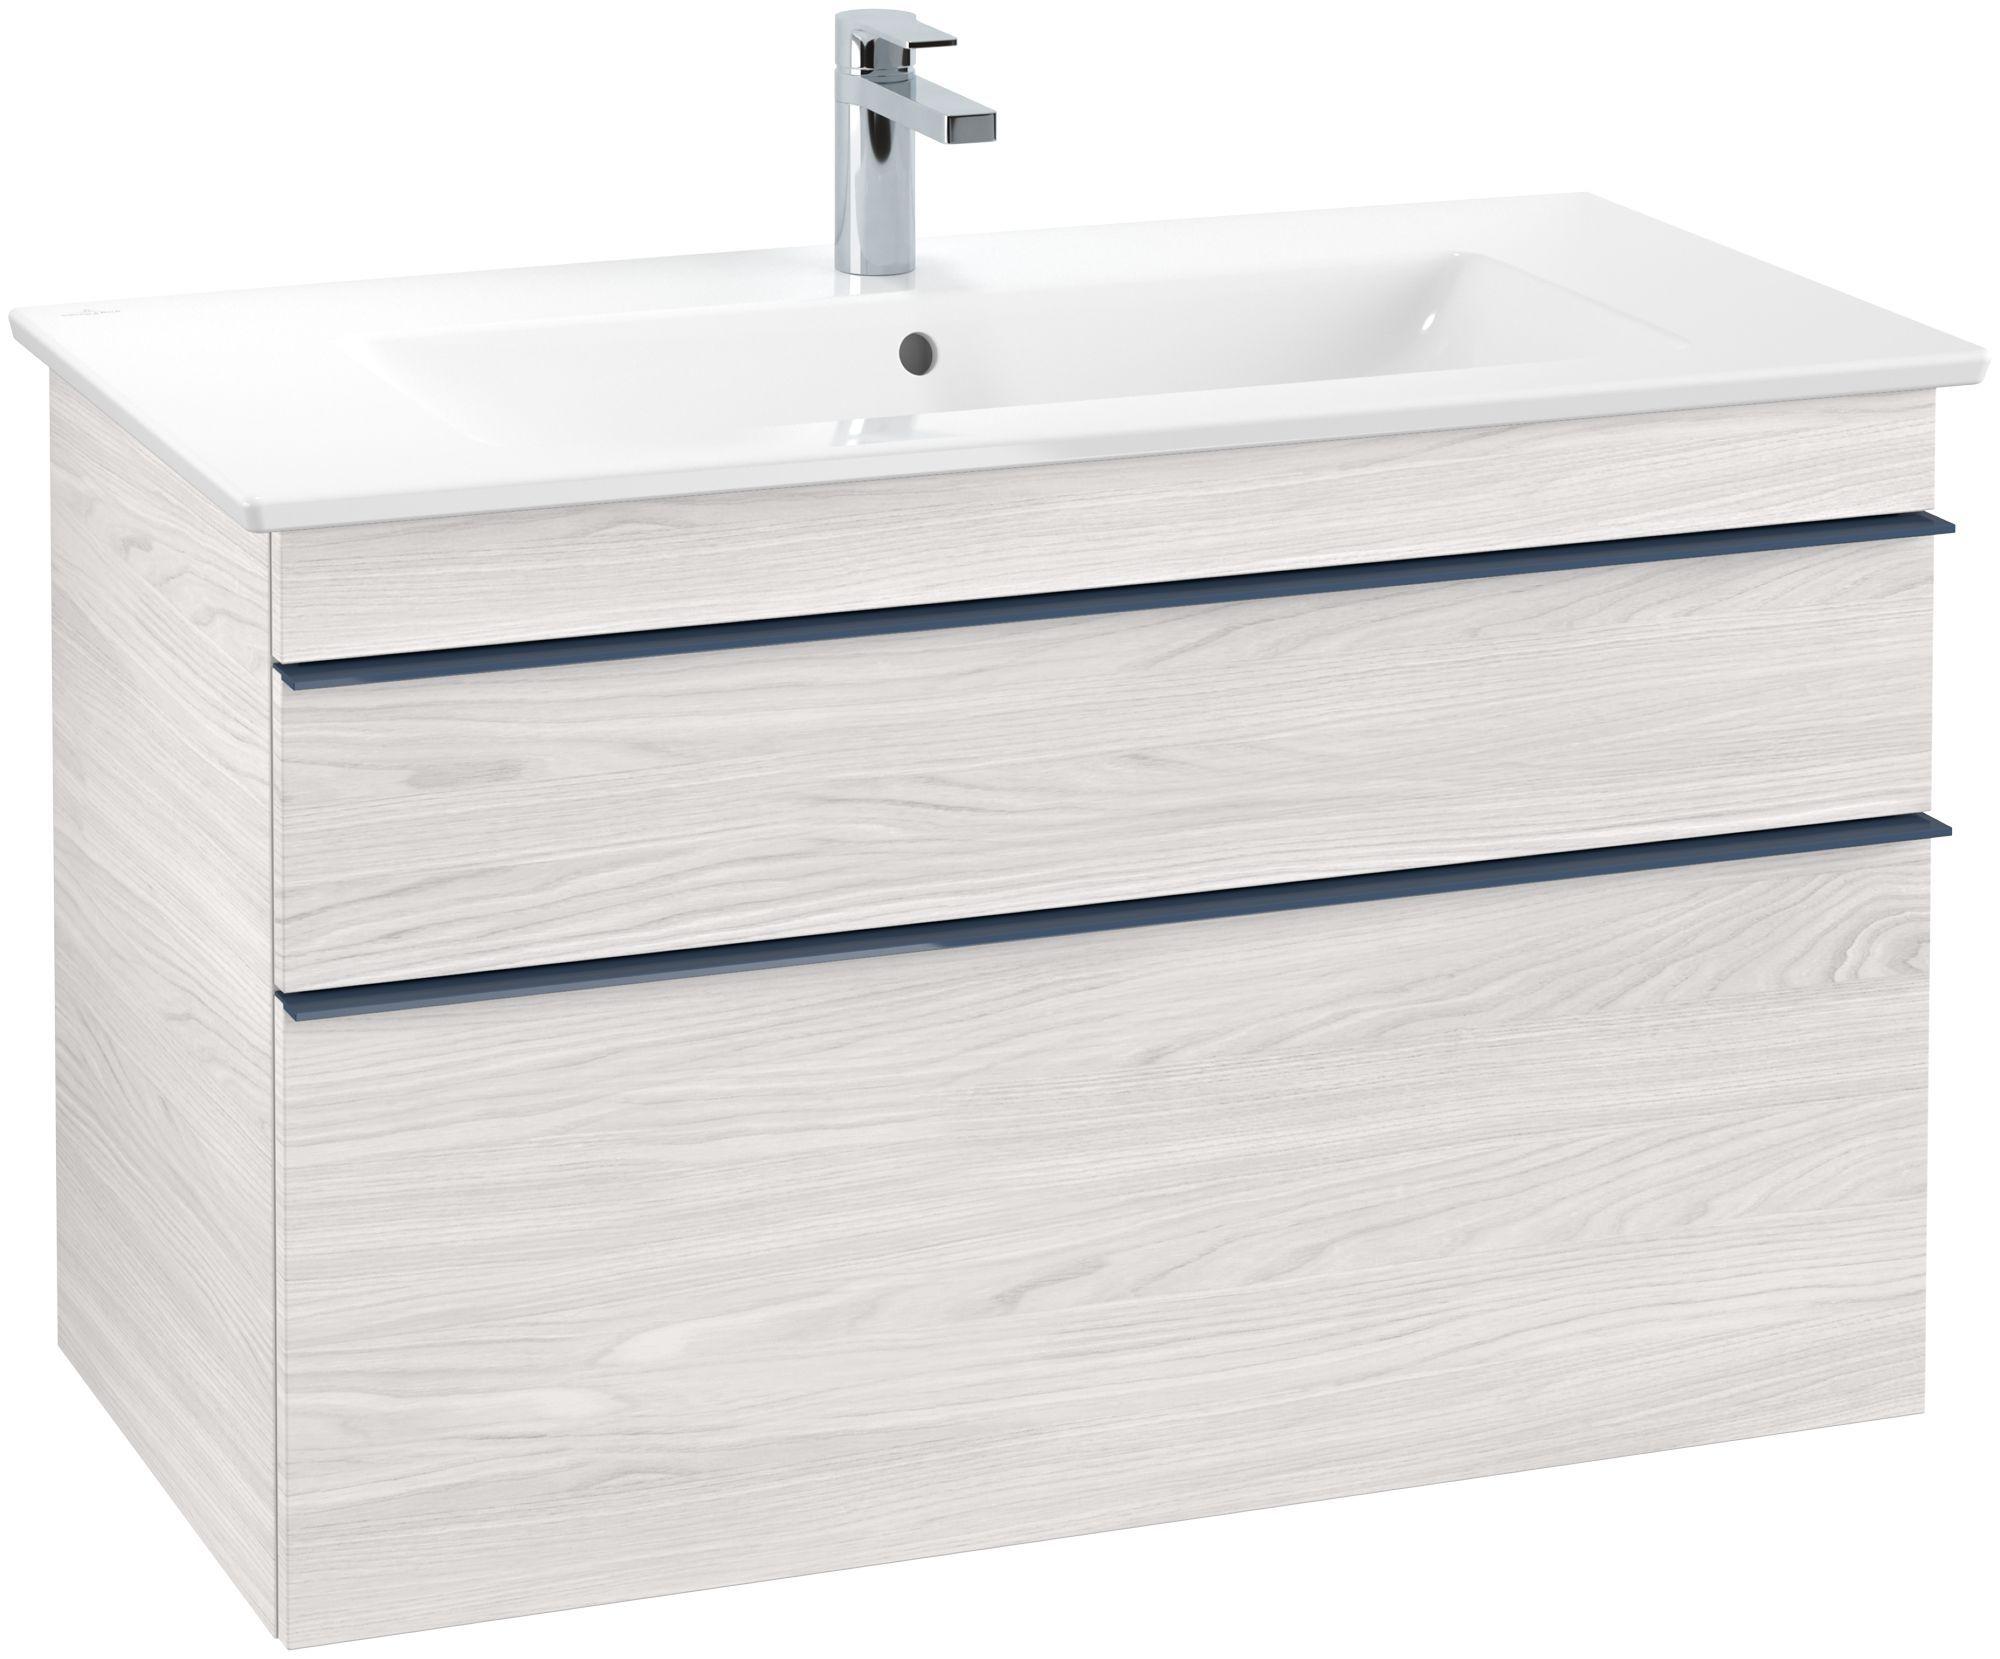 Villeroy & Boch Venticello Waschtischunterschrank 2 Auszüge B:95,3xH:59xT:50,2cm white wood Griffe blau Griffe blau A92604E8